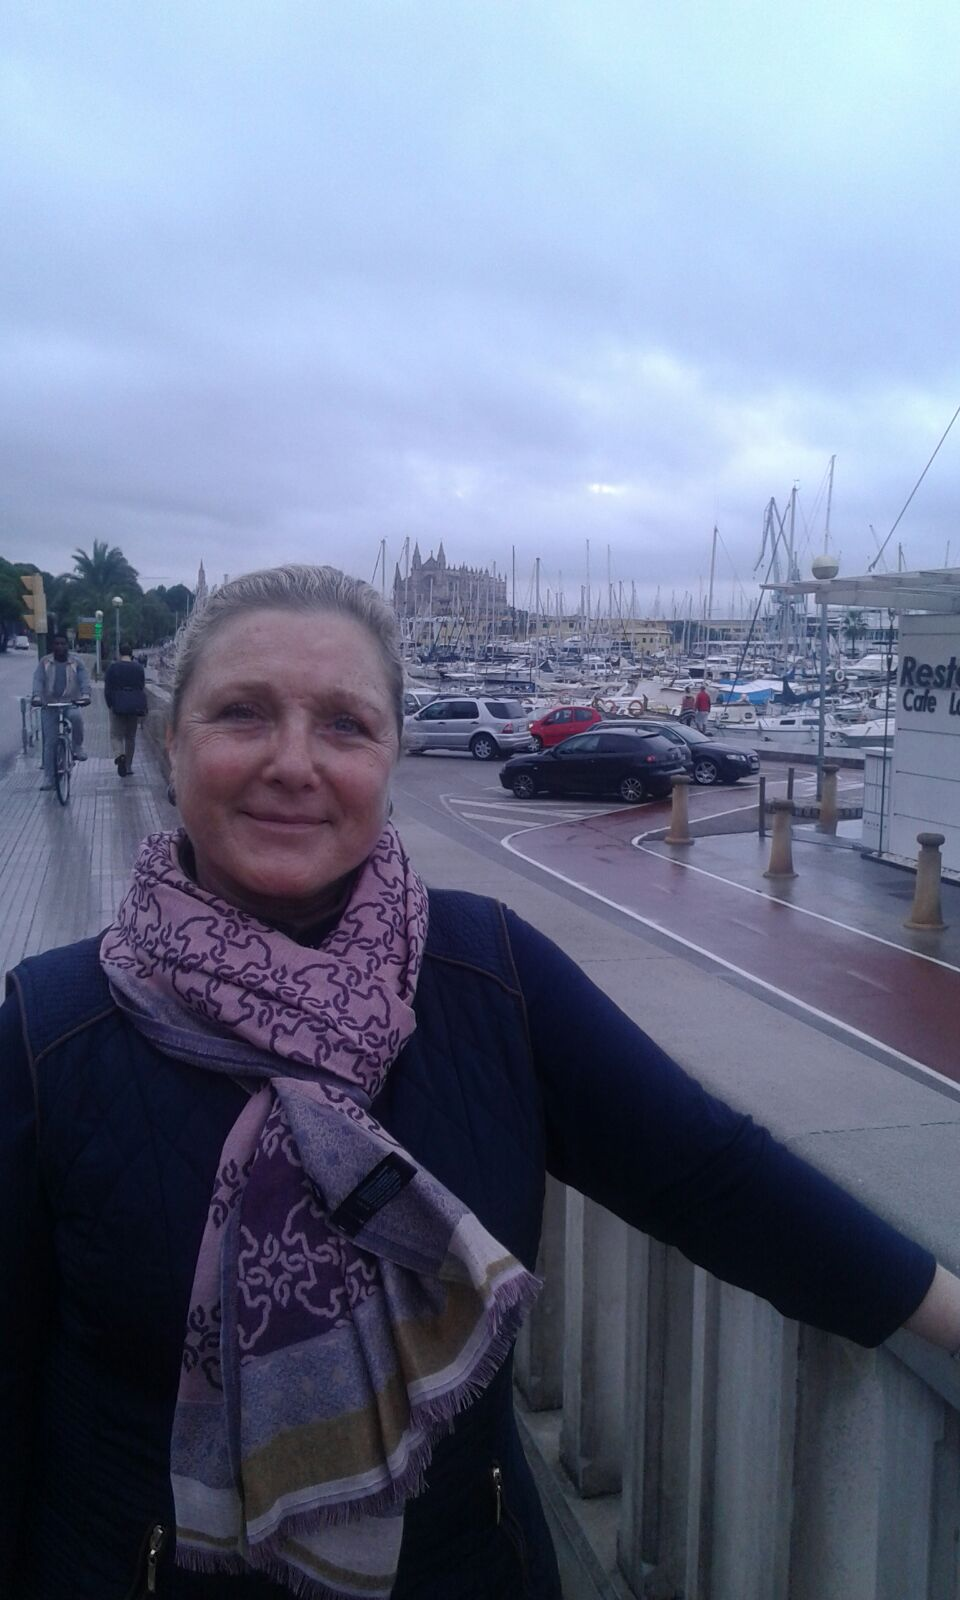 Pam en el paseo maritimo de Palma con la Catedral al fondo.